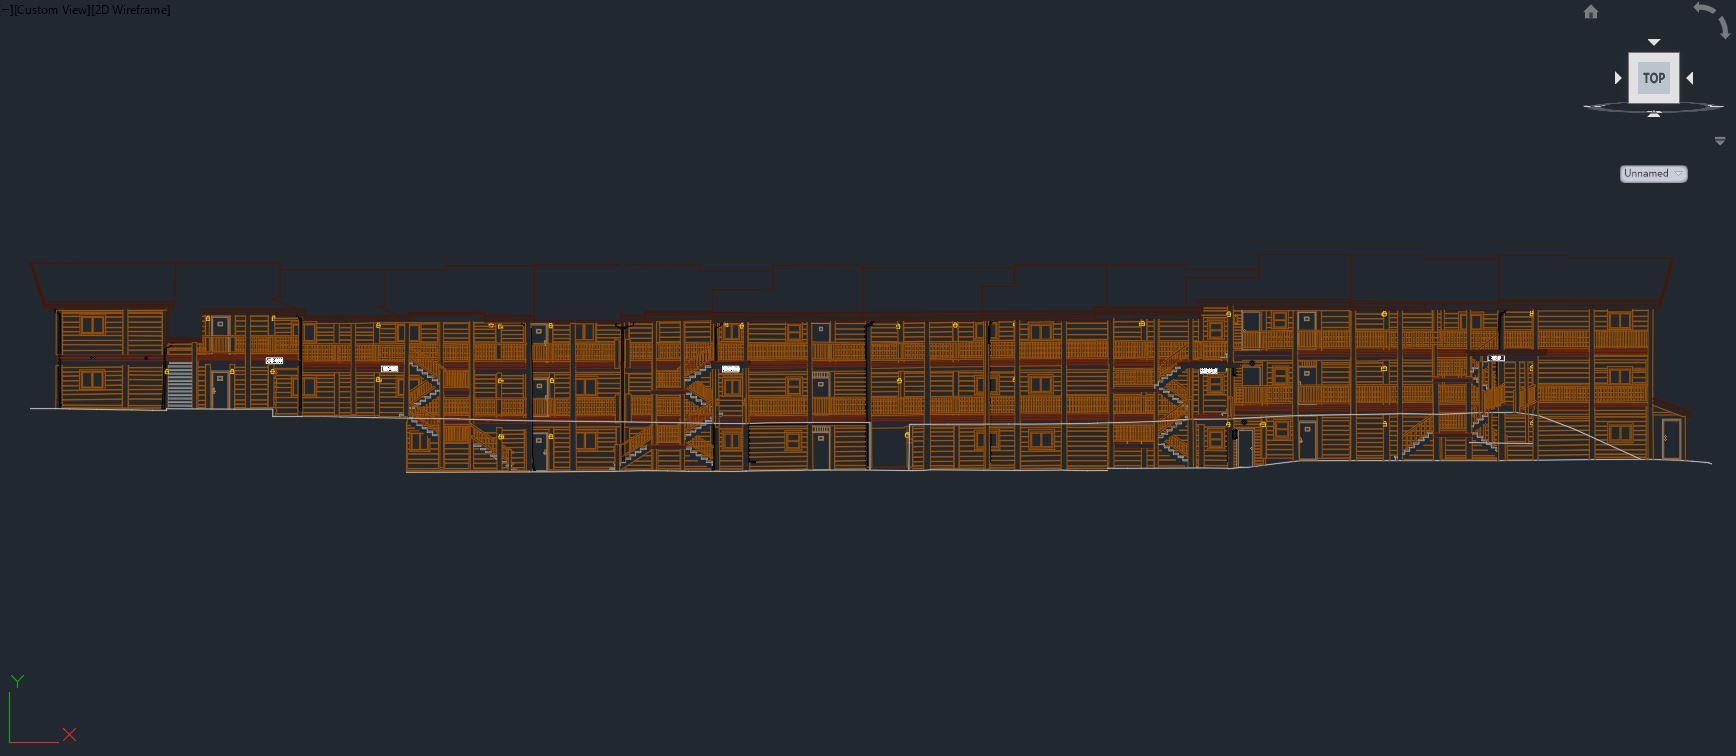 Building CAD Elevation